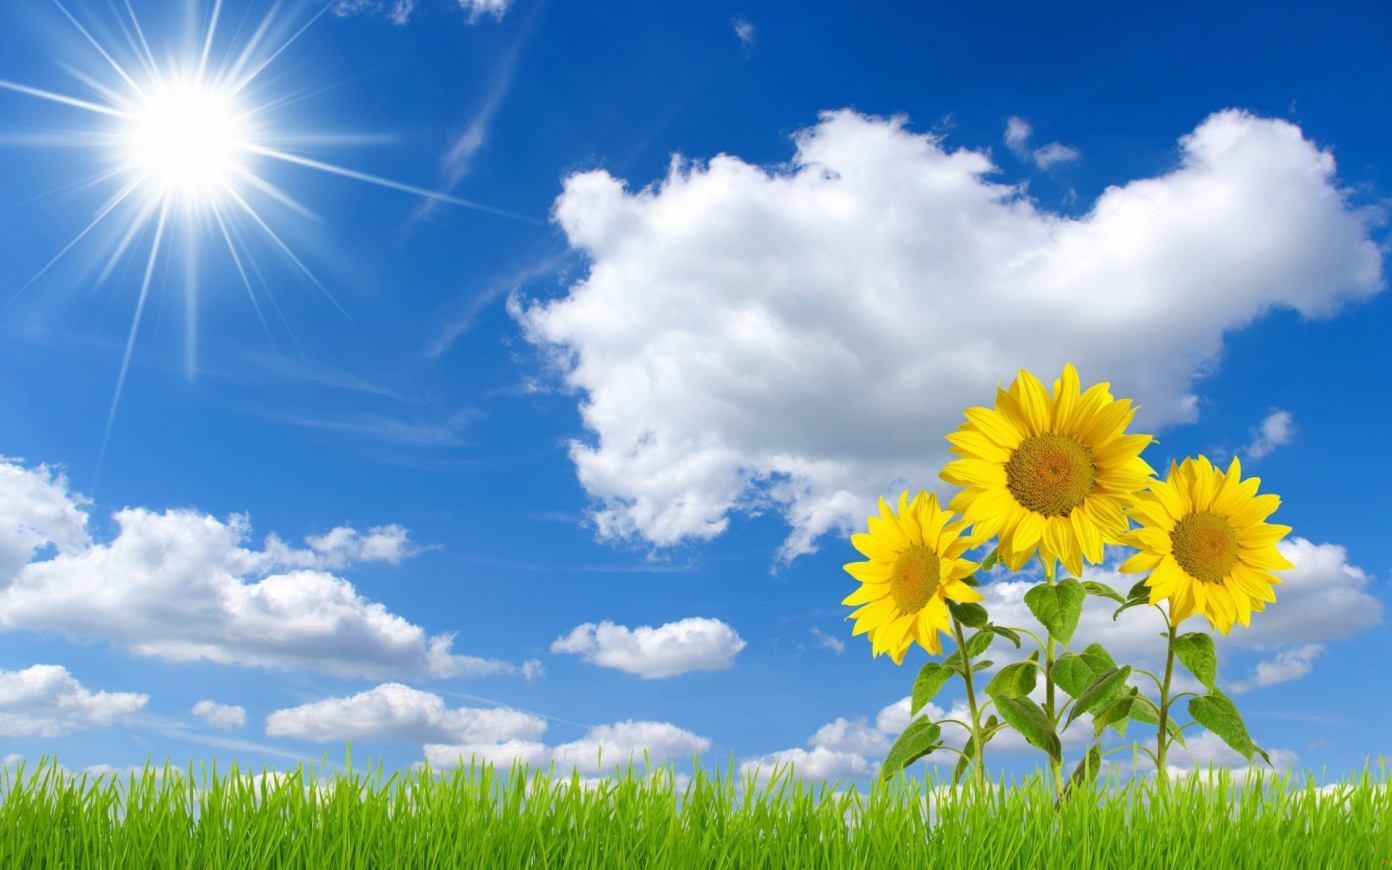 ... siang hari terbaru koleksi gambar langit biru terbaru gambar gambar